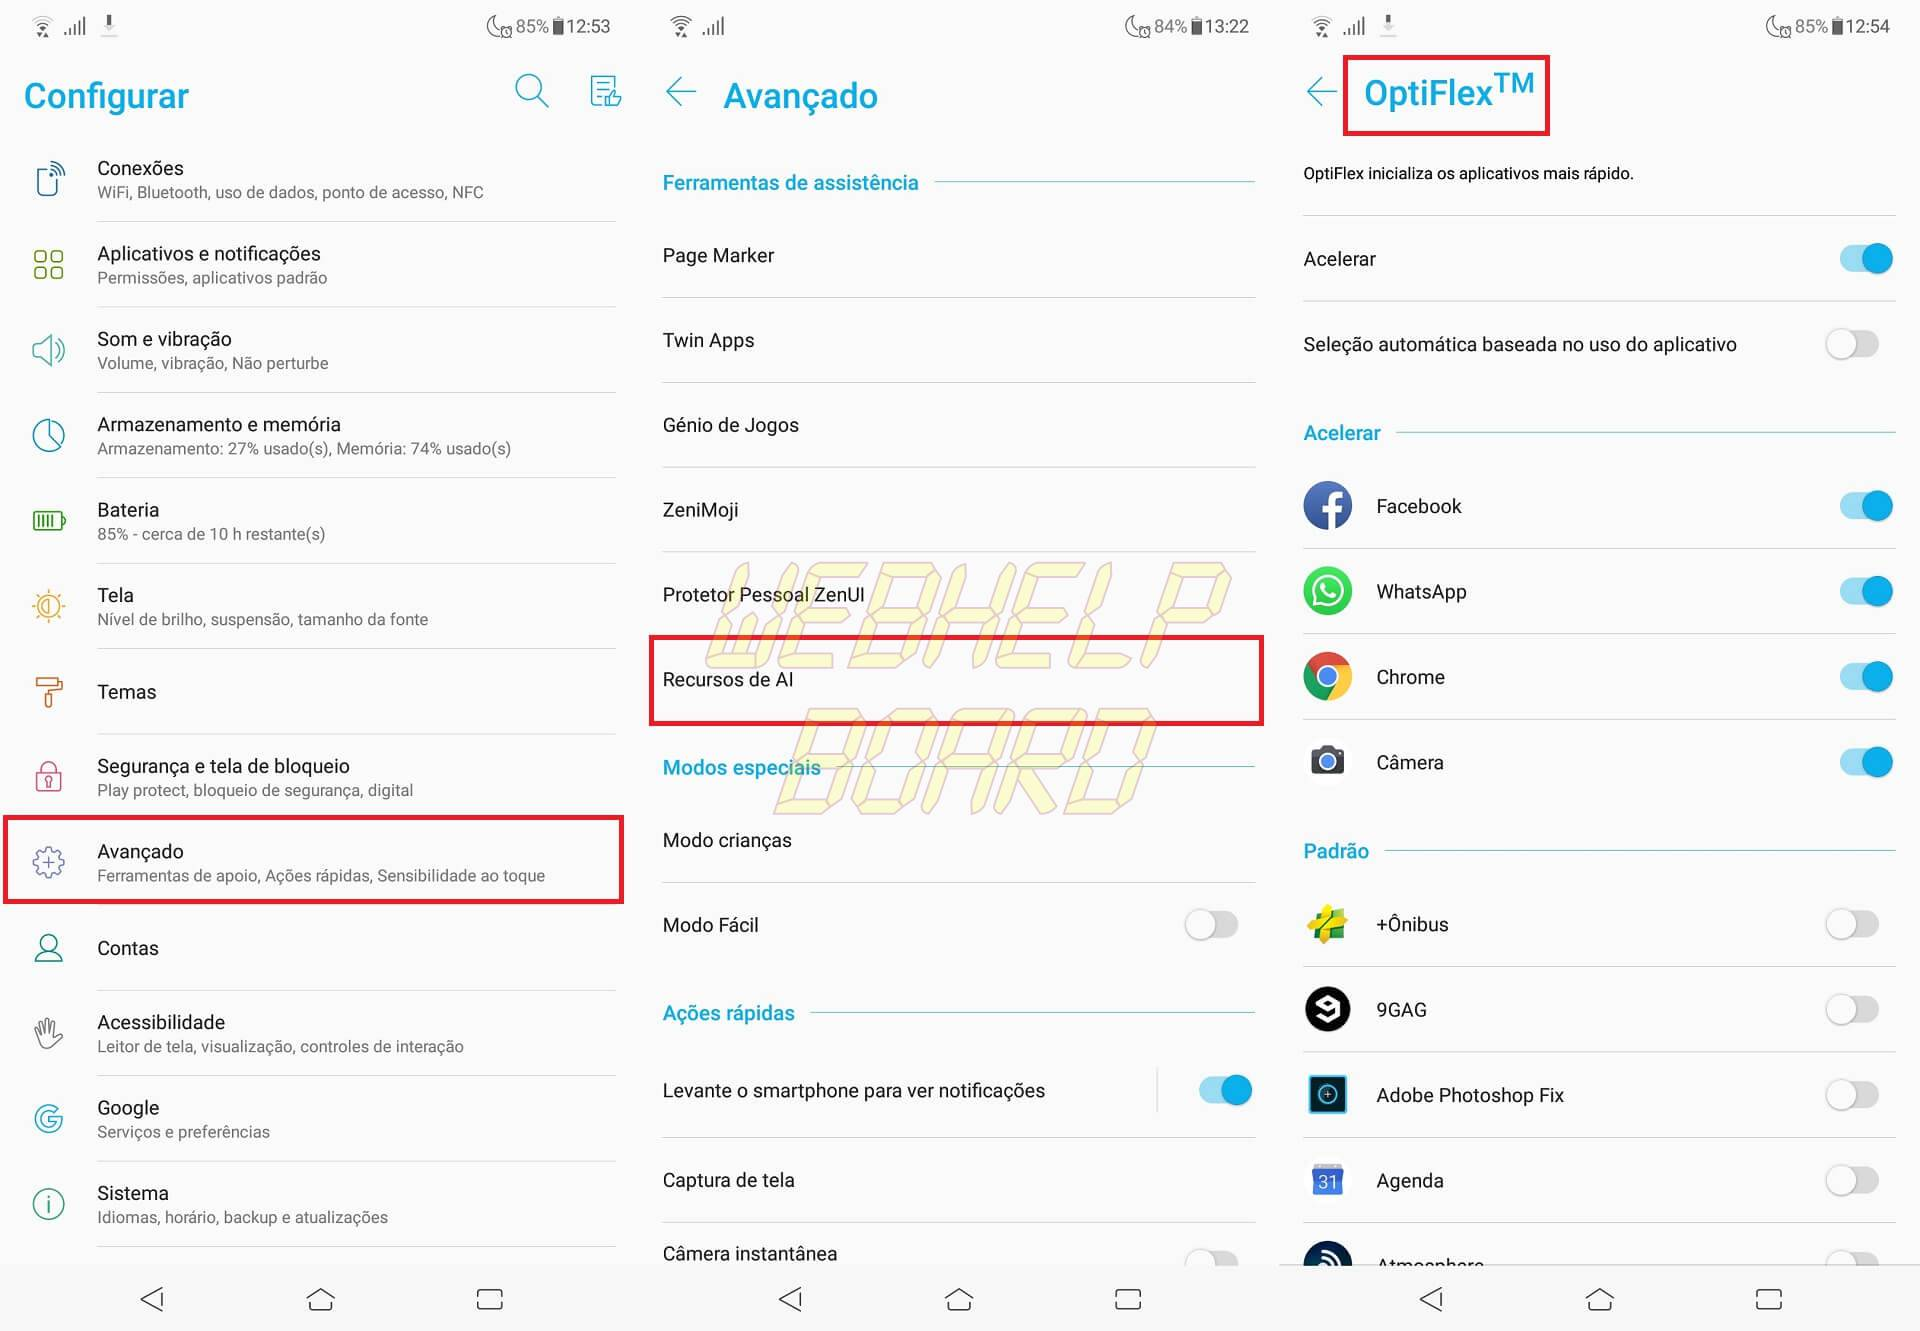 IMG 4 - Descubra 23 dicas e truques para os Asus Zenfone 5 e Zenfone 5Z